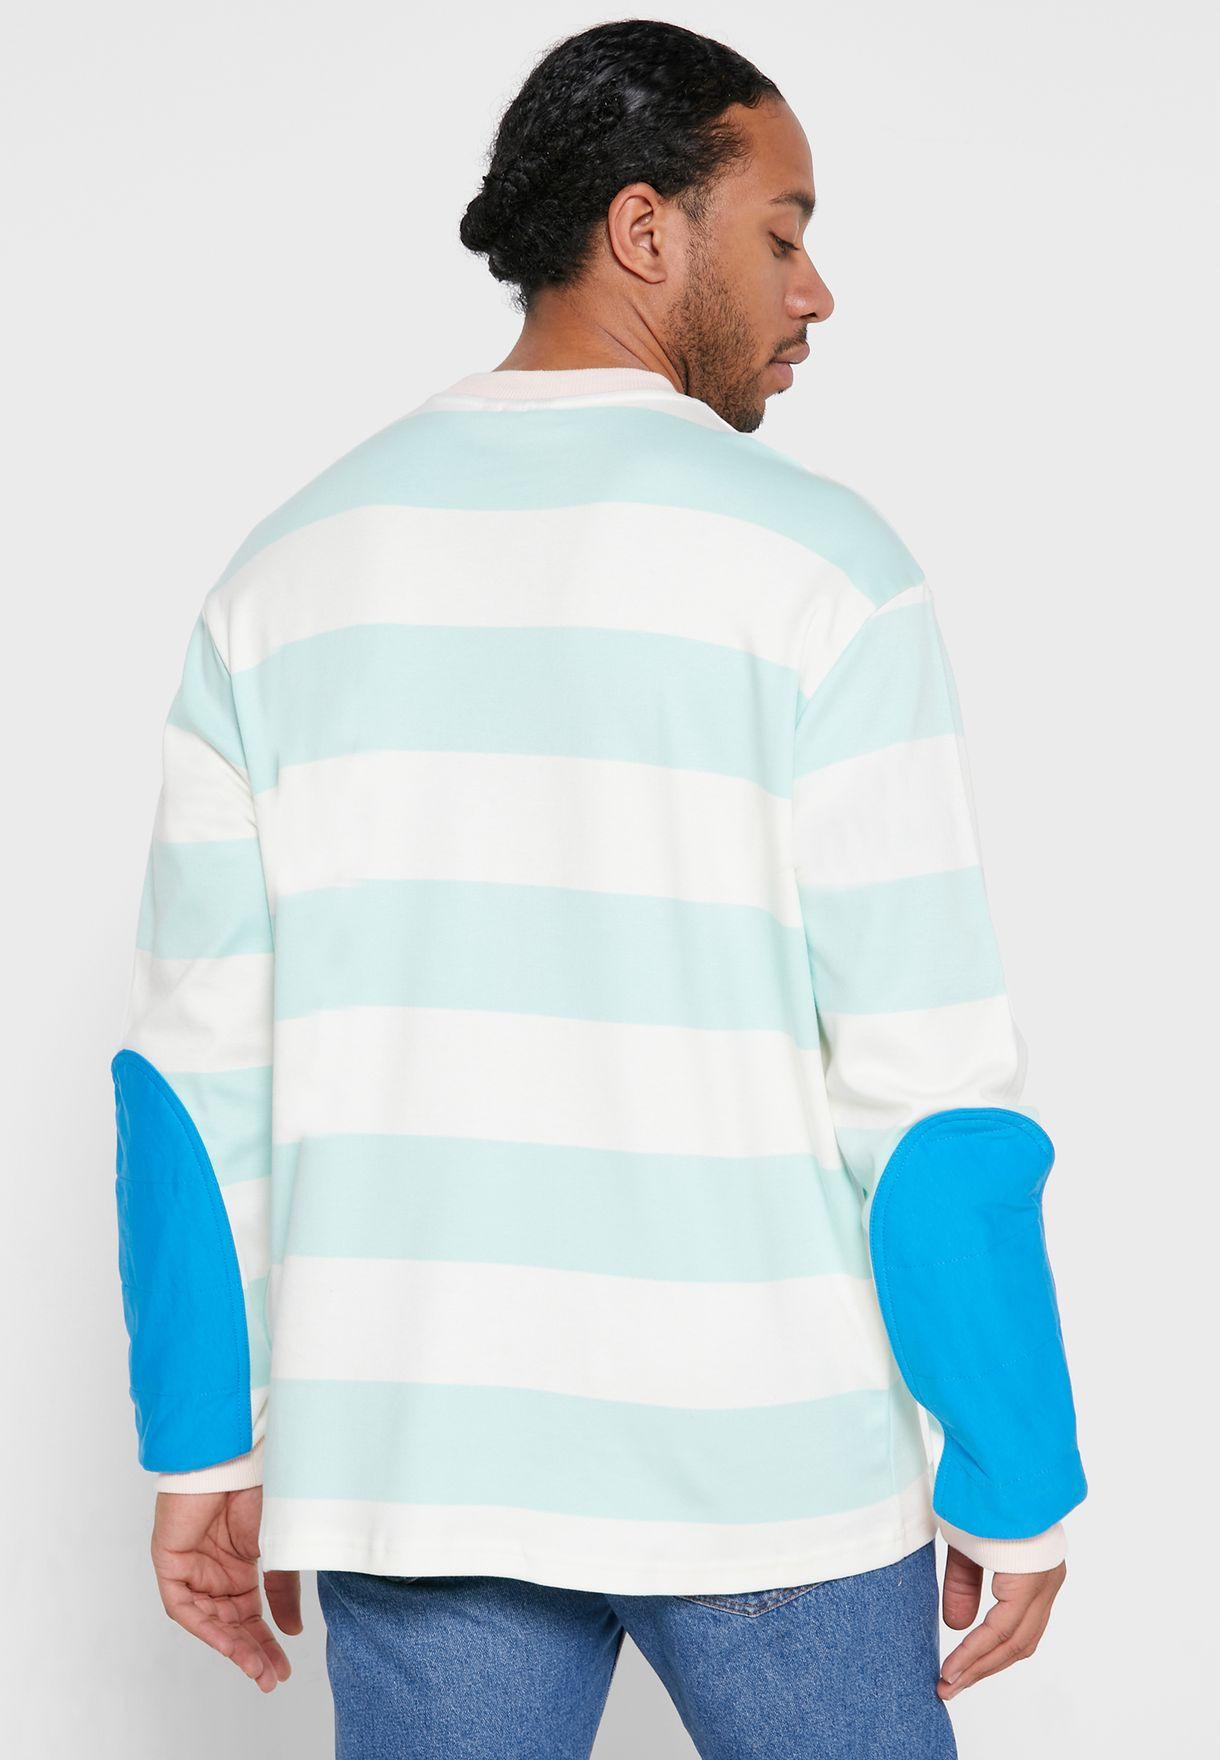 Cold Hawaii Loose Sweatshirt